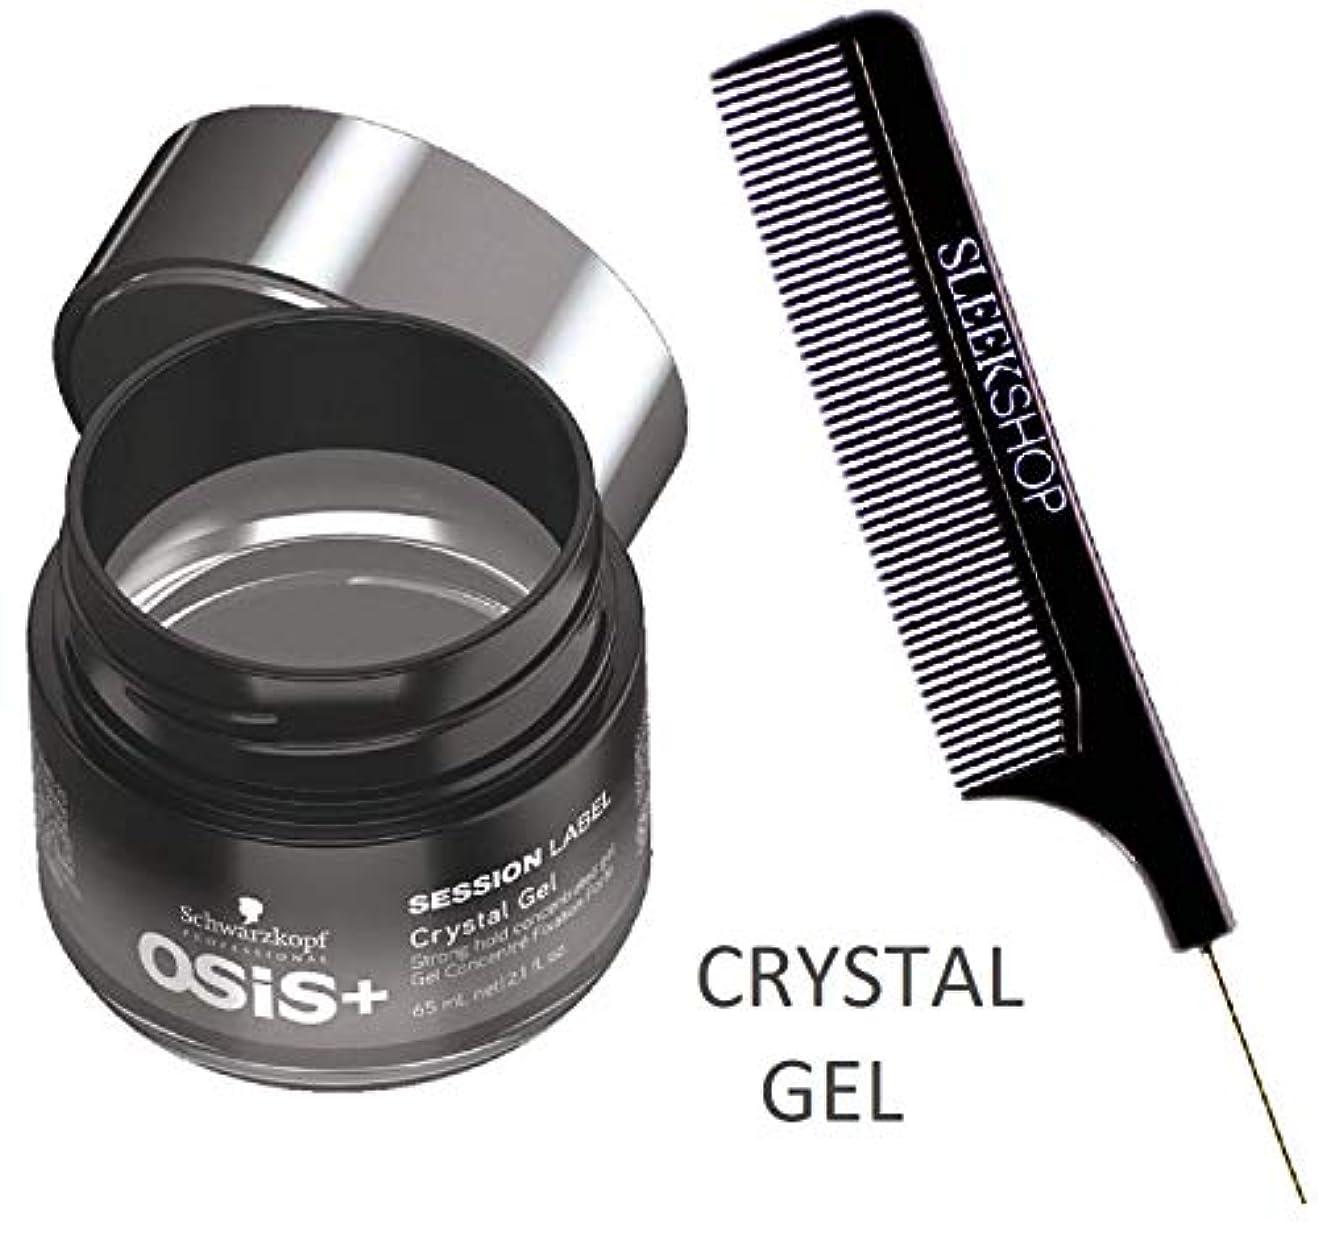 運動するクリーナーコンテストSchwarzkopf OSIS +セッションラベルCRYSTAL GELストロングホールド濃縮ジェル(STYLISTのKIT) 2.1オンス/ 65ミリリットル